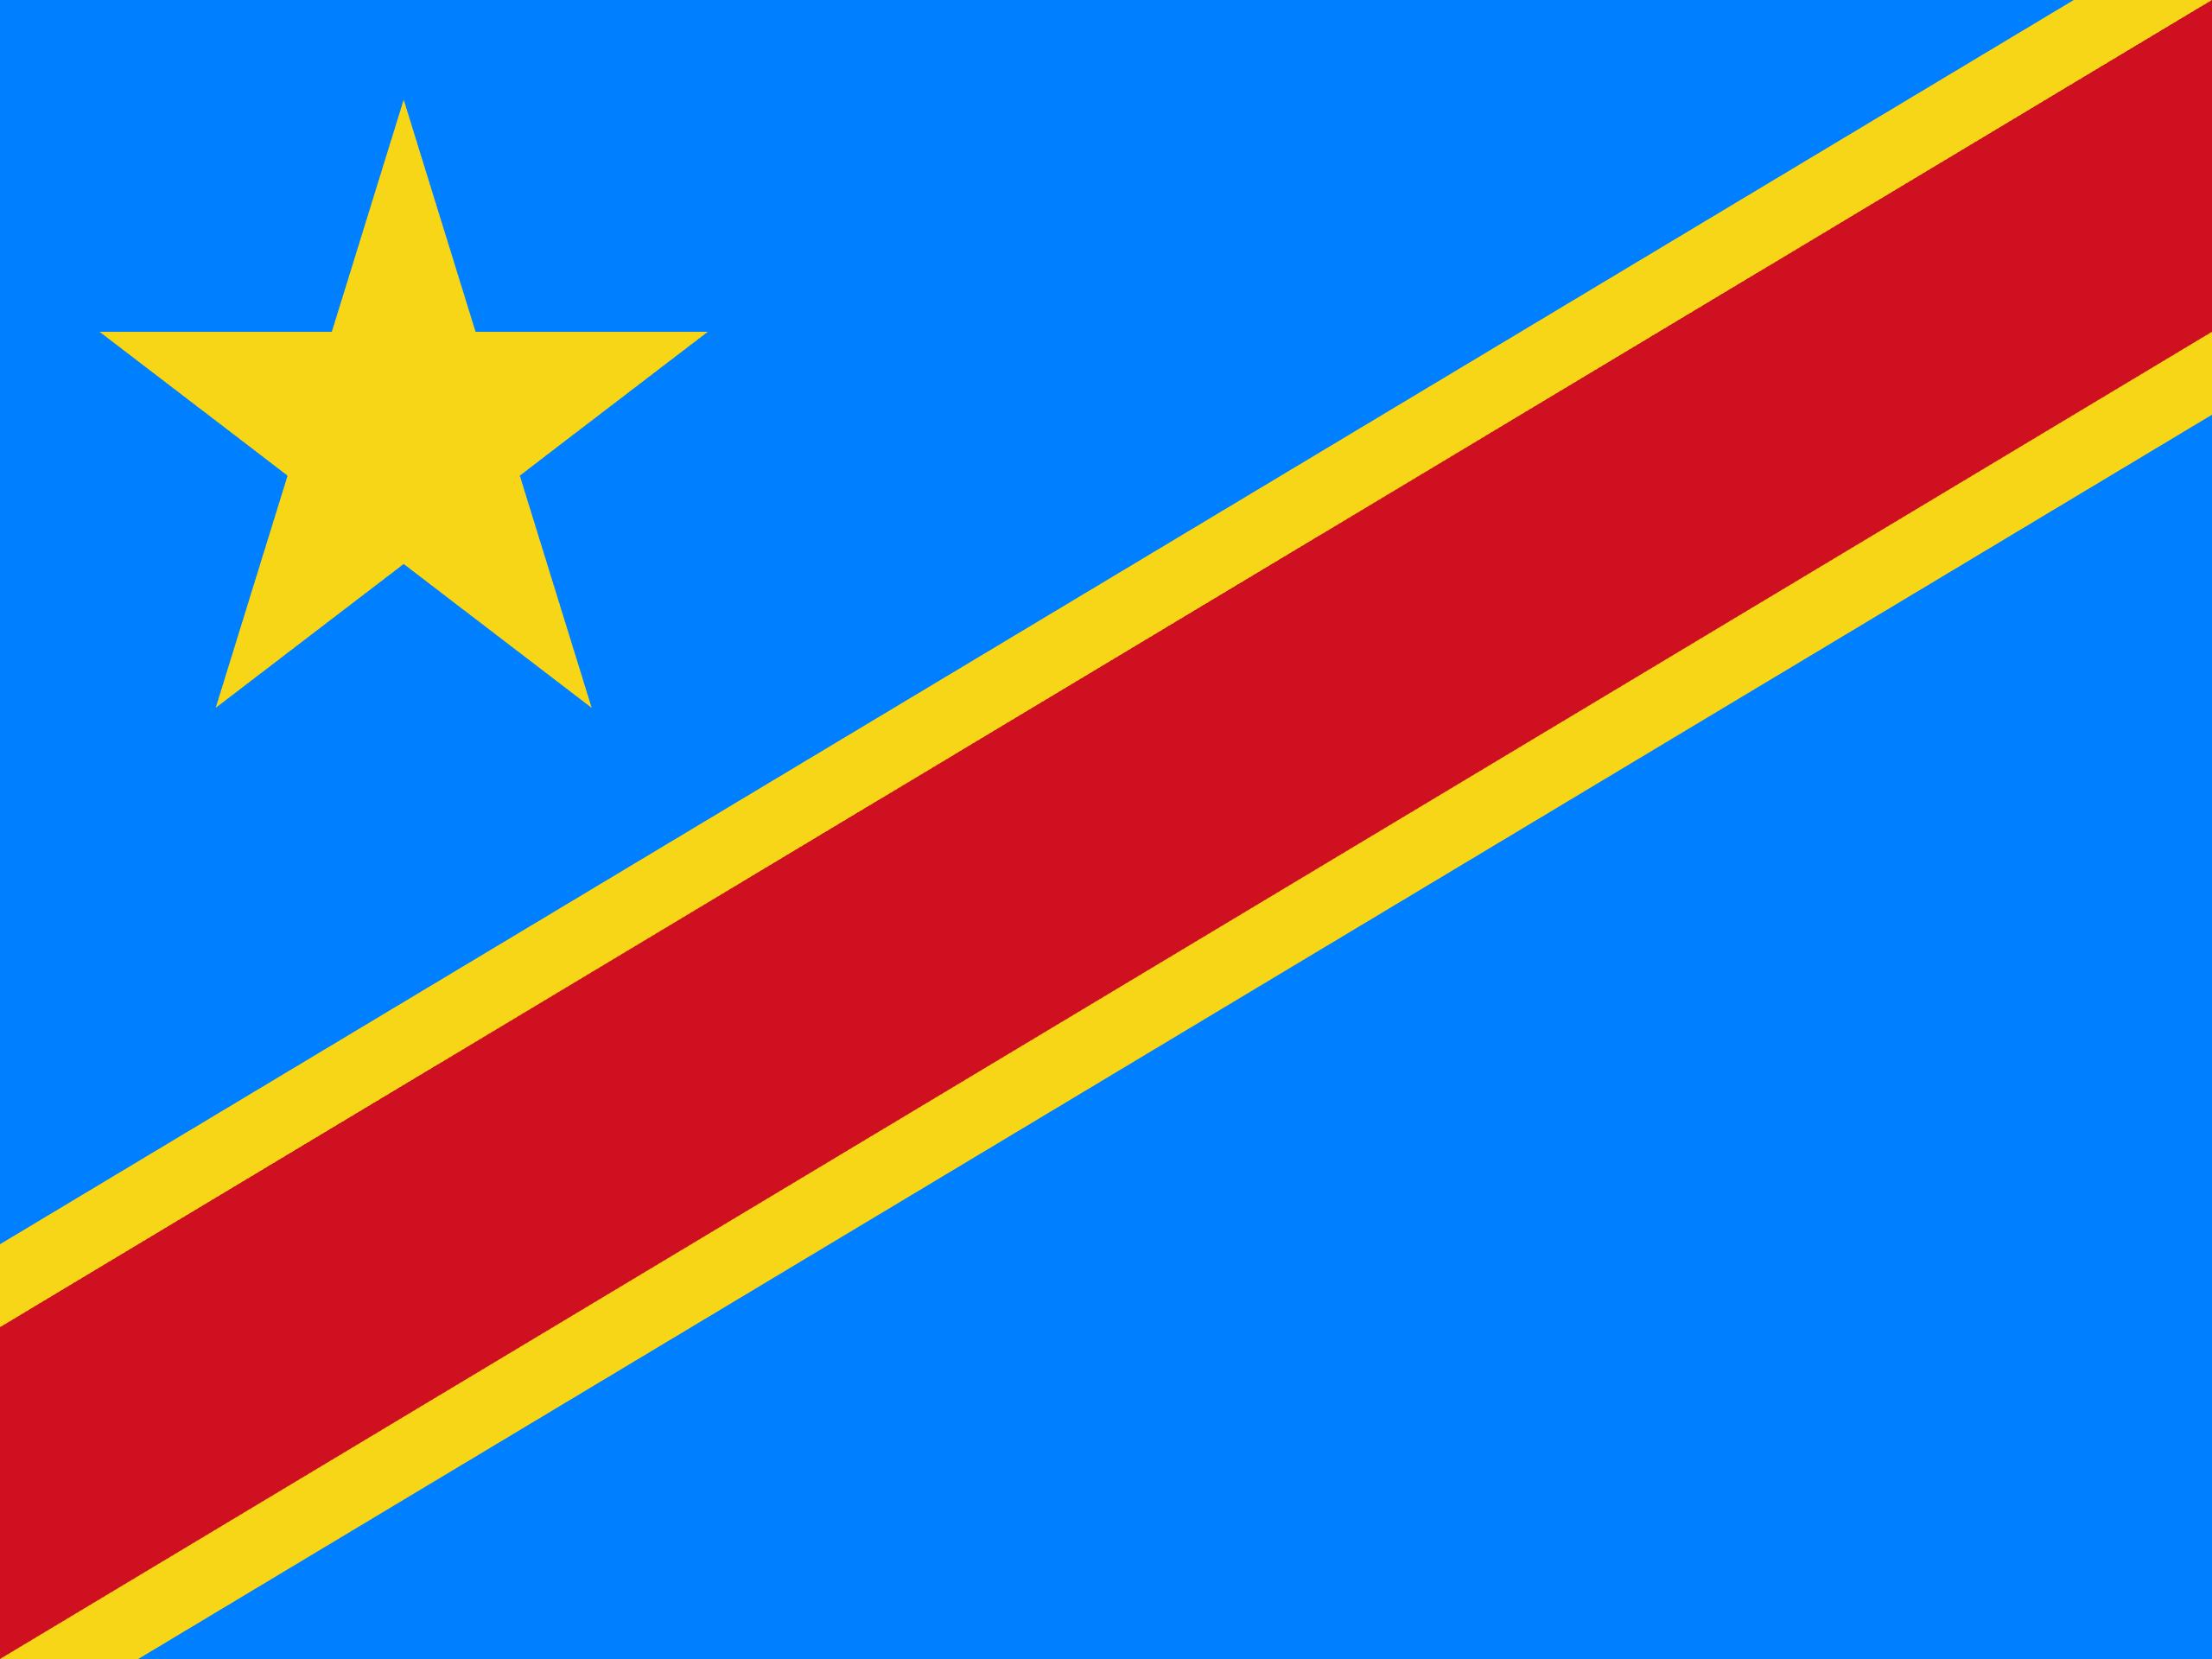 Kongo Demokratik Cumhuriyeti'nin Başkenti ve Para Birimi Nedir? Kongo Demokratik Cumhuriyeti'nin Bayrağı Nasıldır?